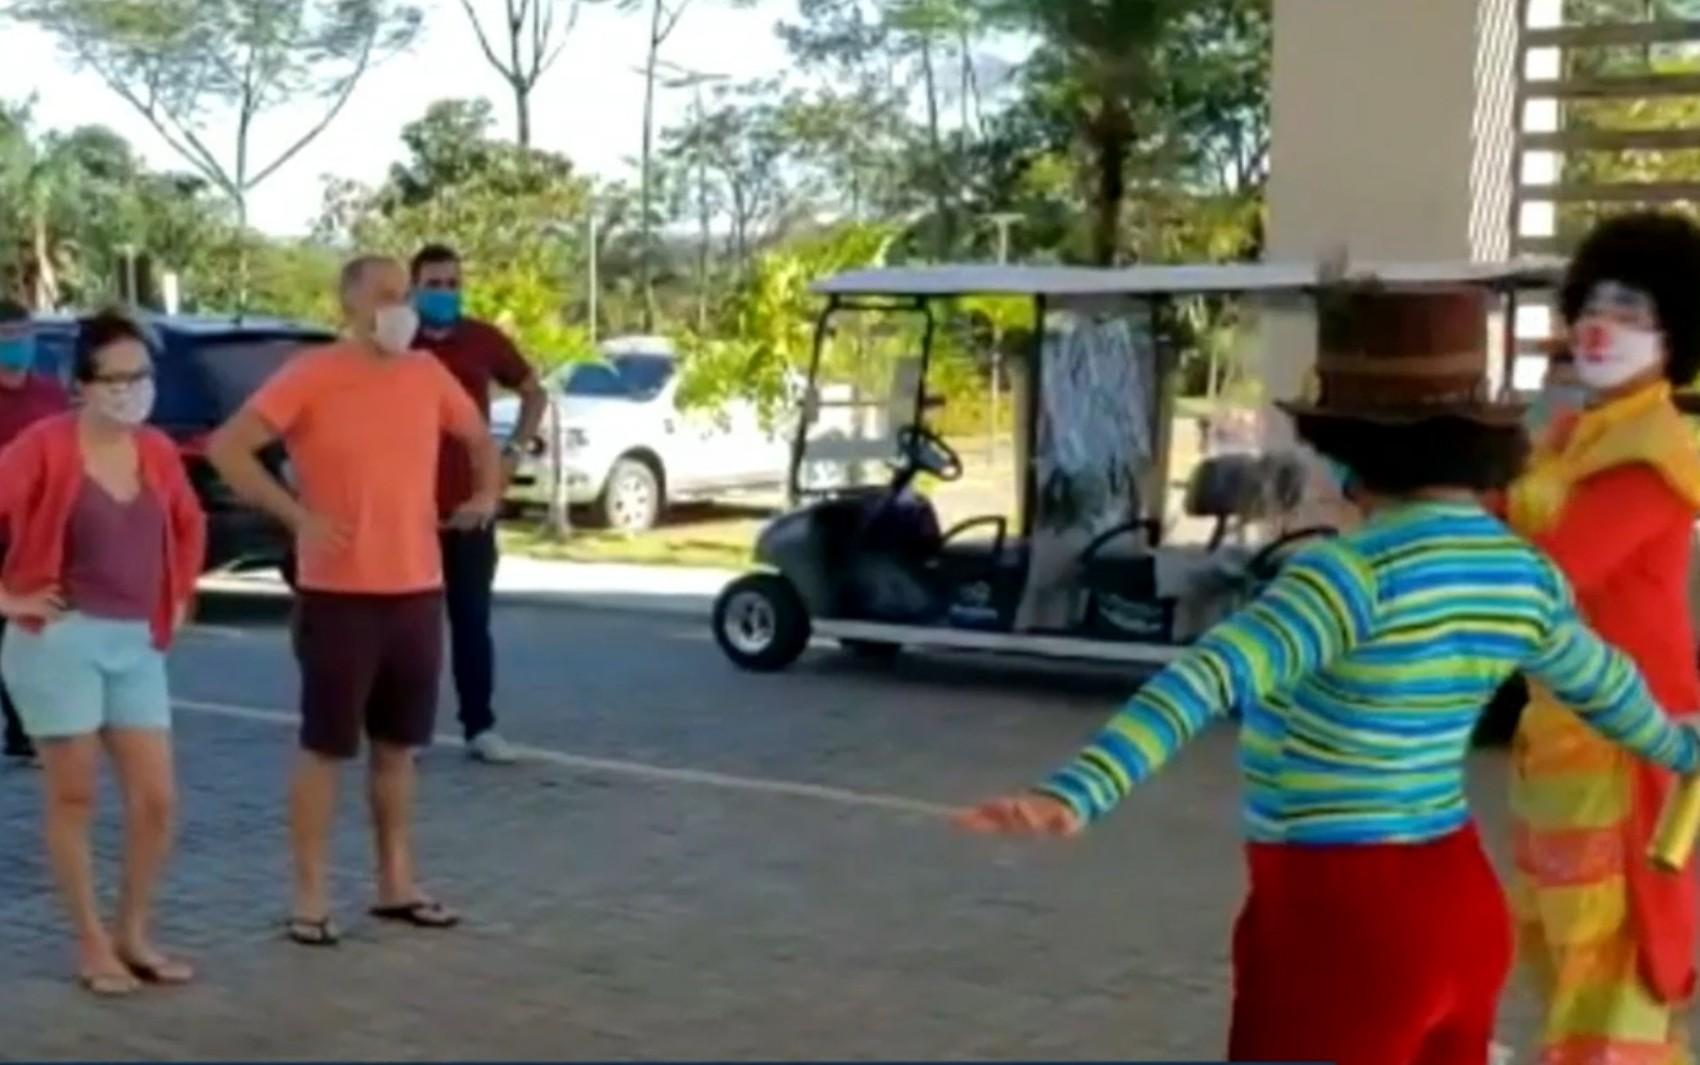 Pousadas e hotéis de Rio Quente voltam a receber turistas e fazem recepção bem-humorada; vídeo